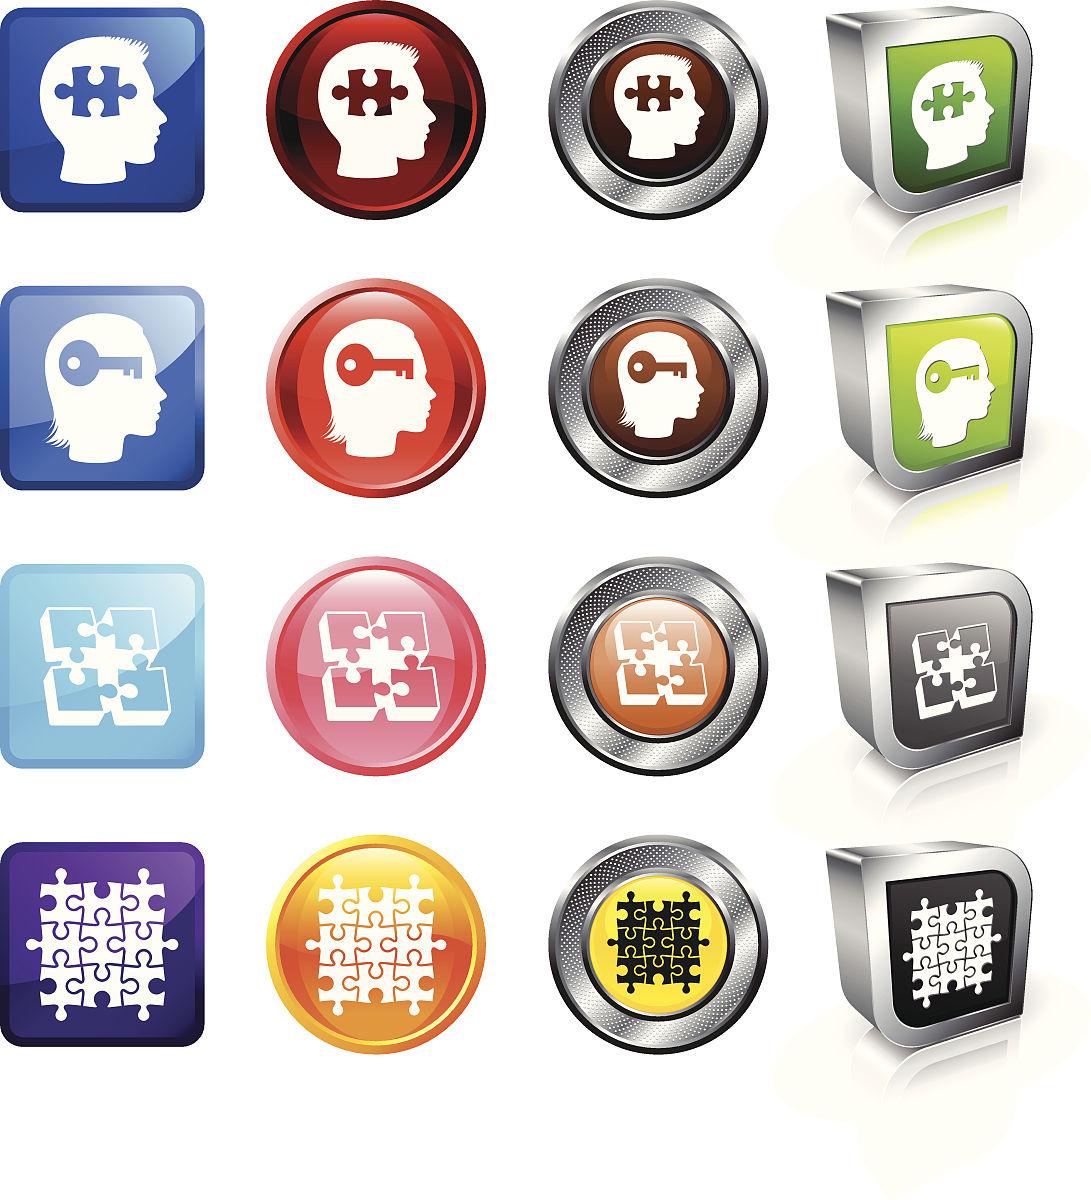 正方形,金属,银,反射,阴影,休闲游戏,弯曲,计算机图标,七巧板,拼图拼图片